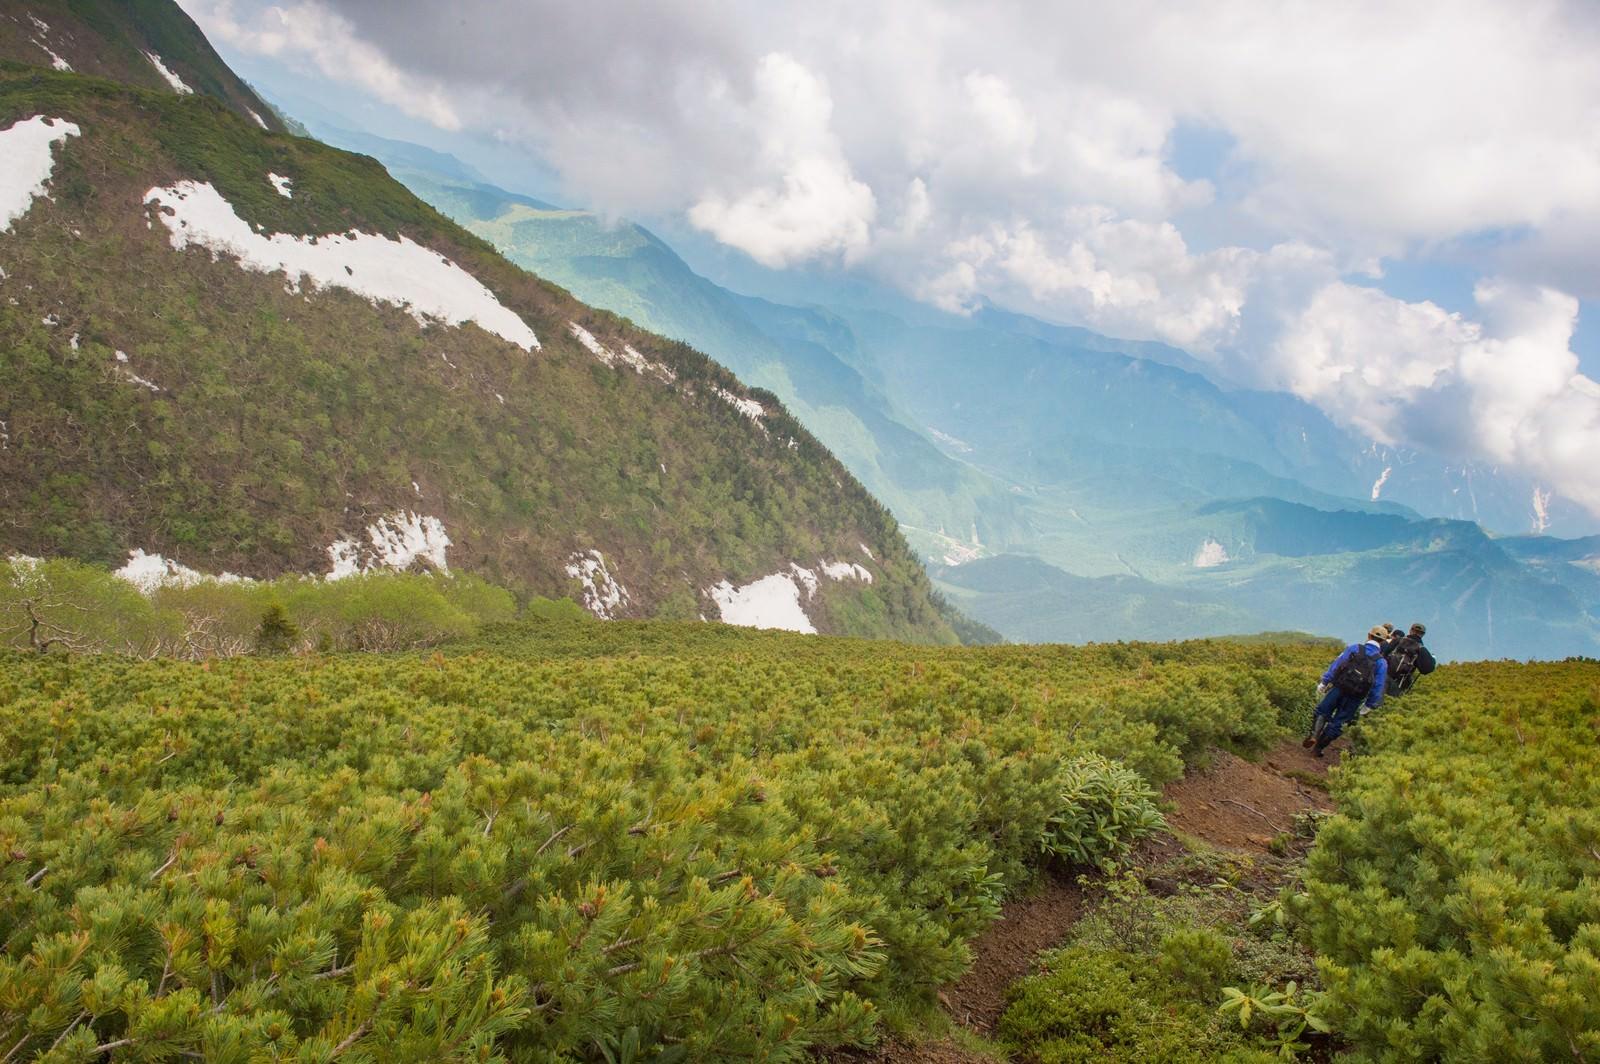 「稜線の気持ちいい風に吹かれて歩く地元民」の写真